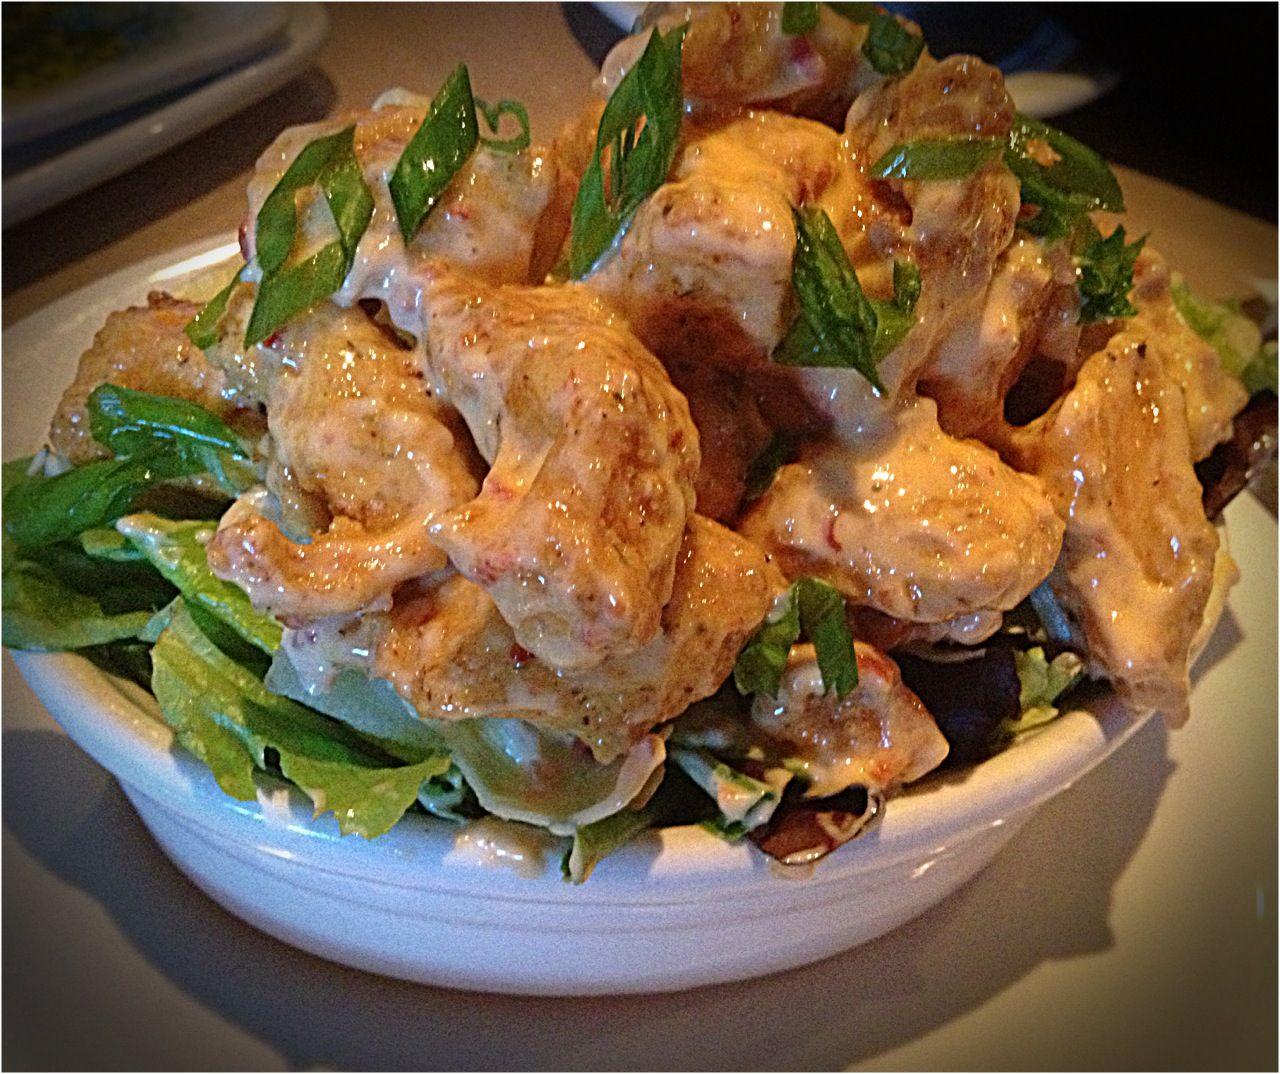 Bang bang chicken at Bonefish grill | ASIAN | Pinterest